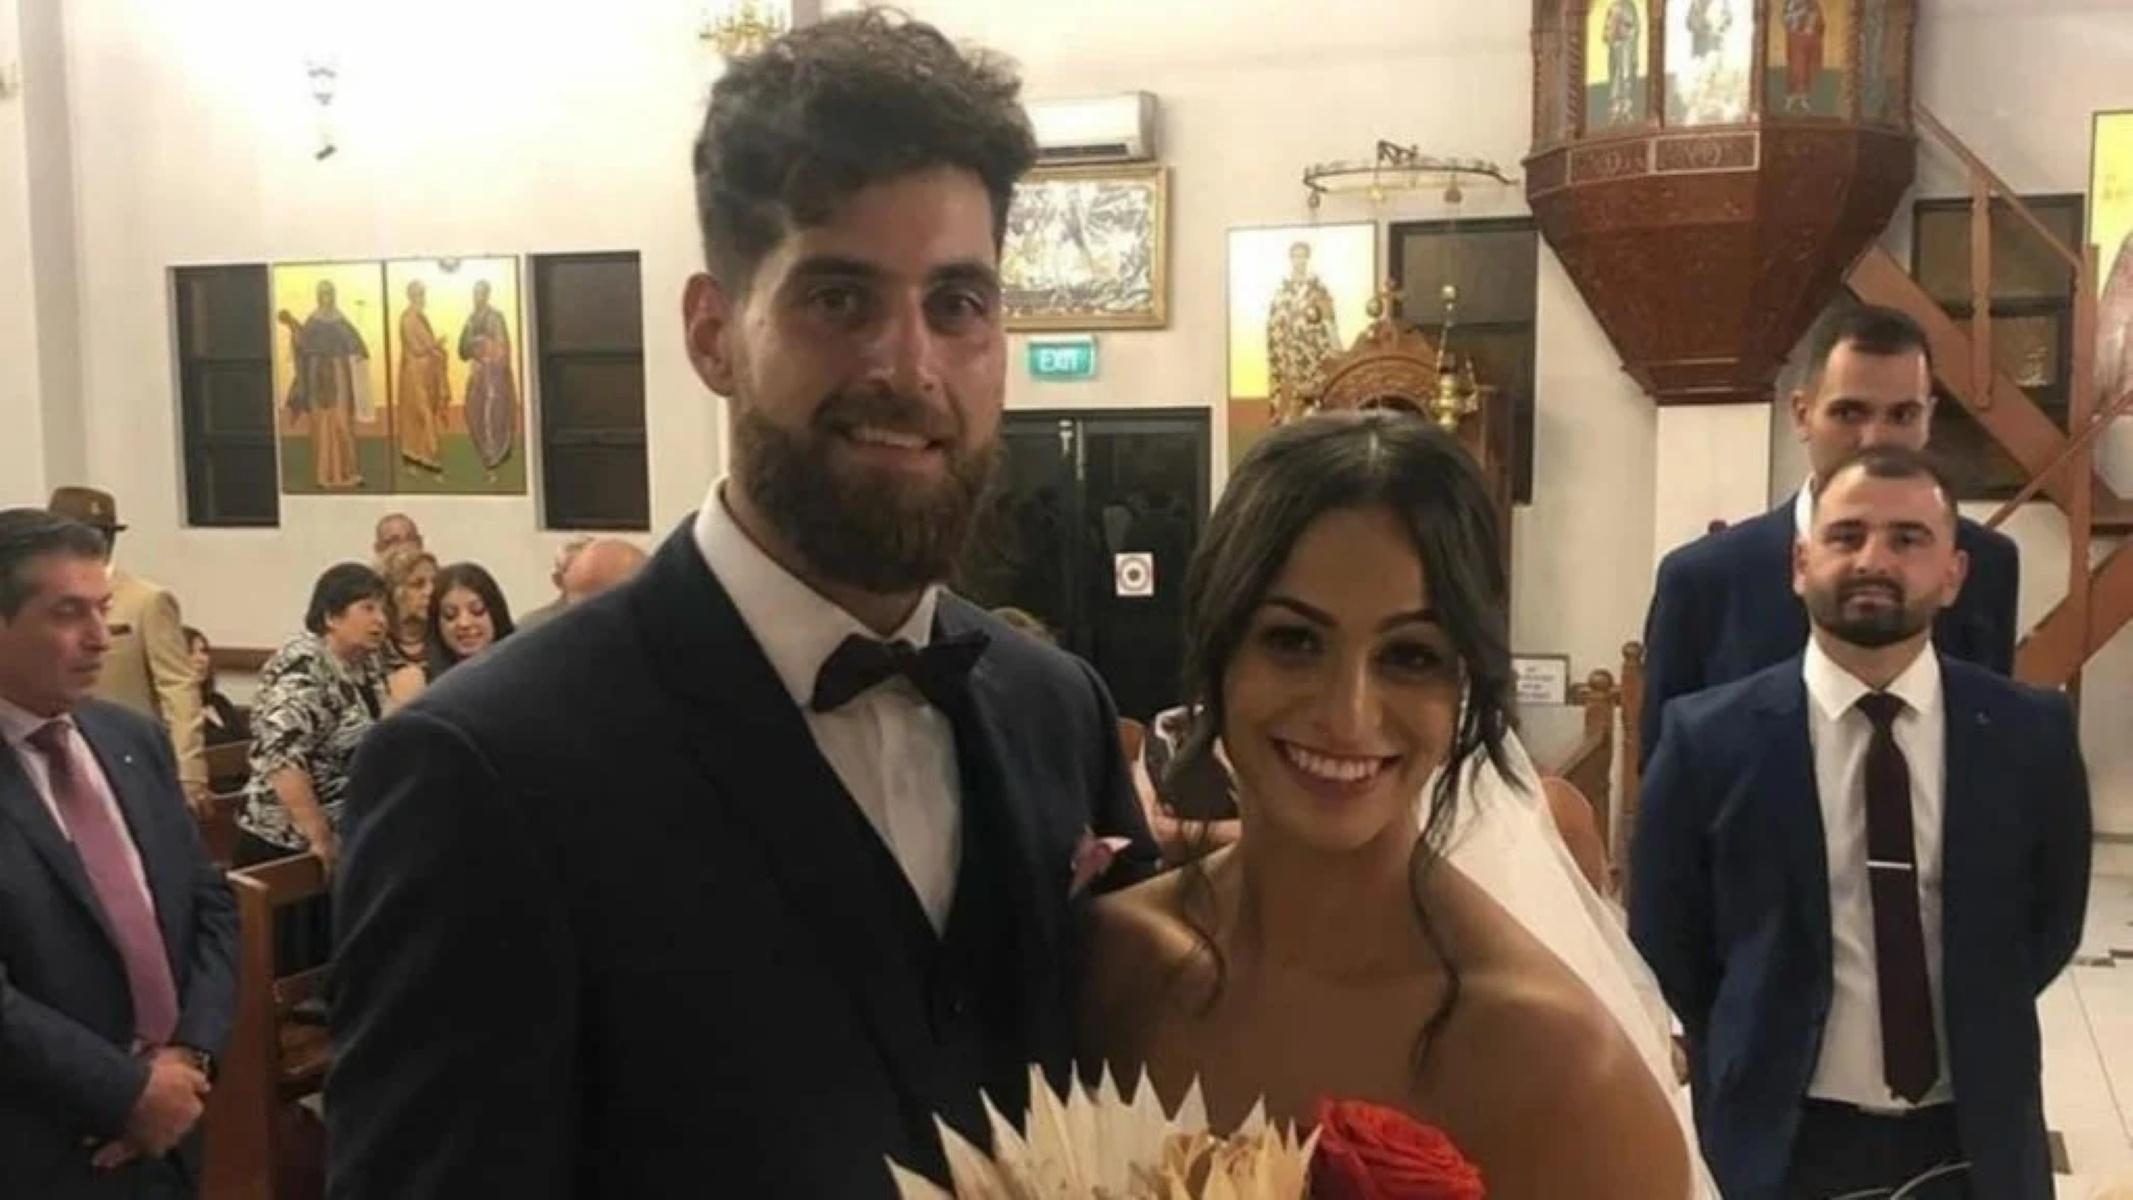 Ομογενείς της Μελβούρνης παντρεύτηκαν σε χρόνο ρεκόρ για να προλάβουν το lockdown